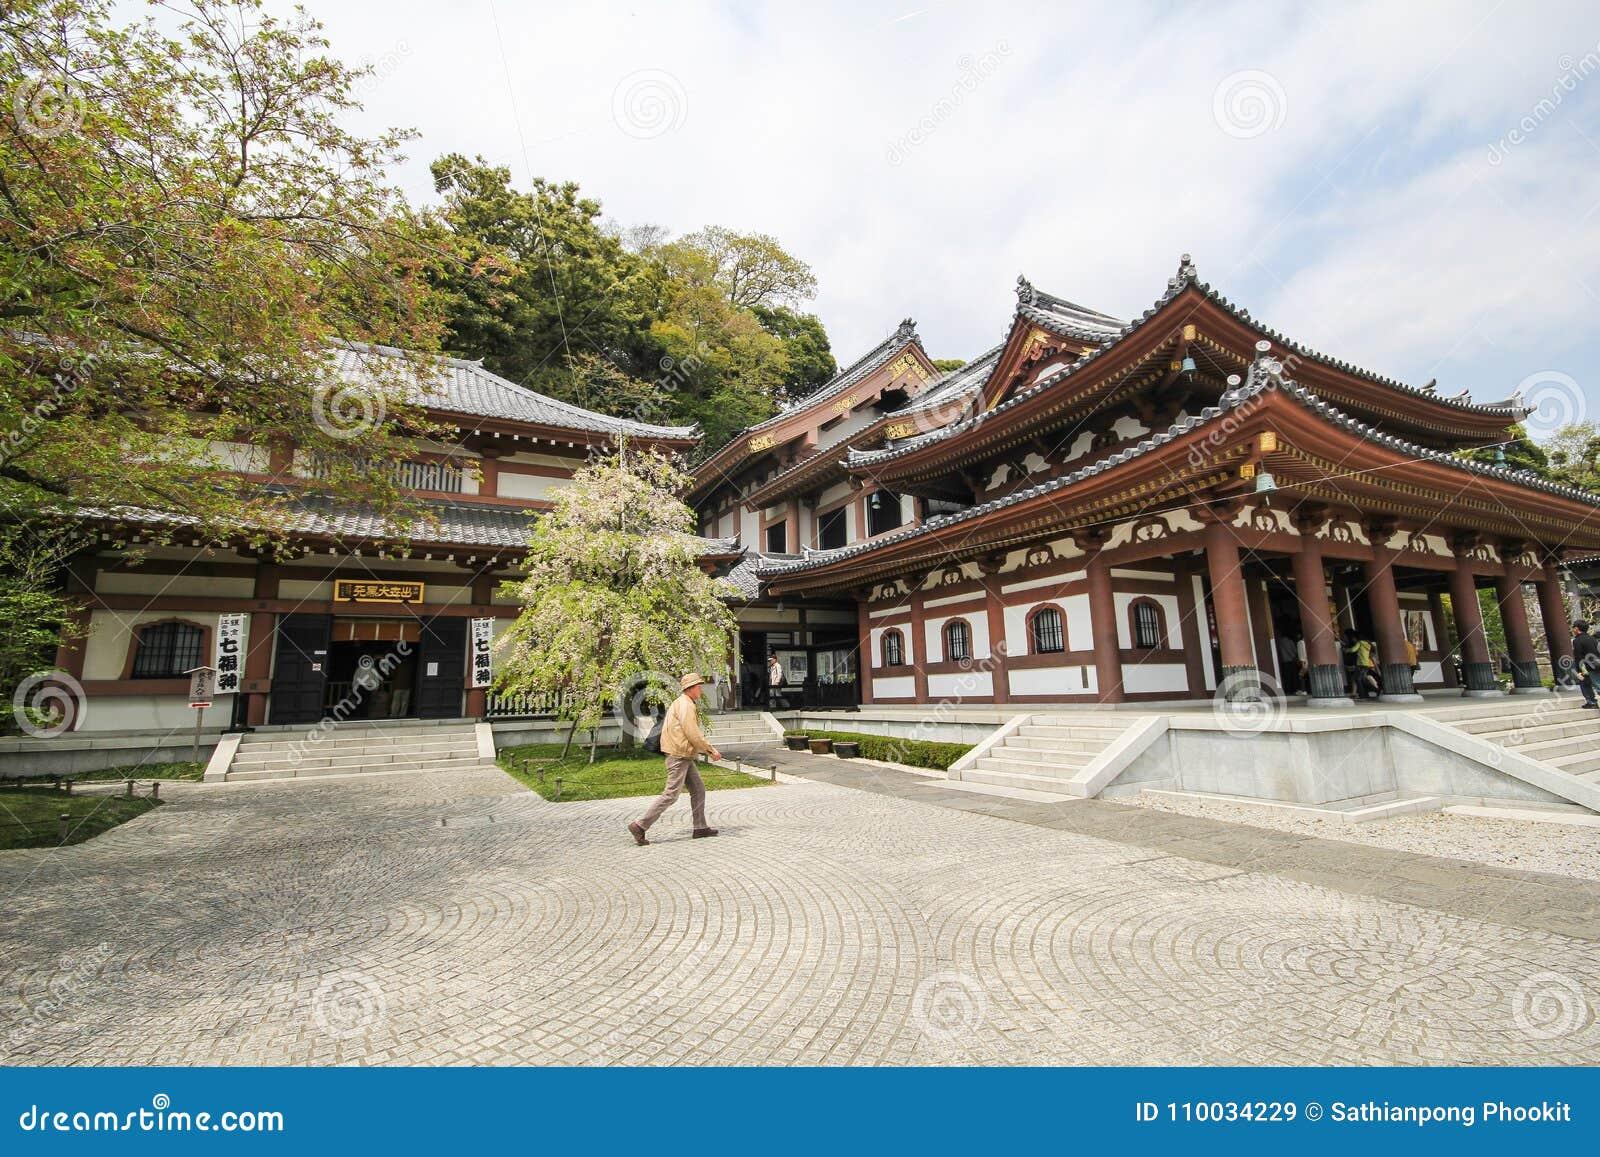 Hasederatempel, de beroemde tempel in de stad van Kamakura, Japan